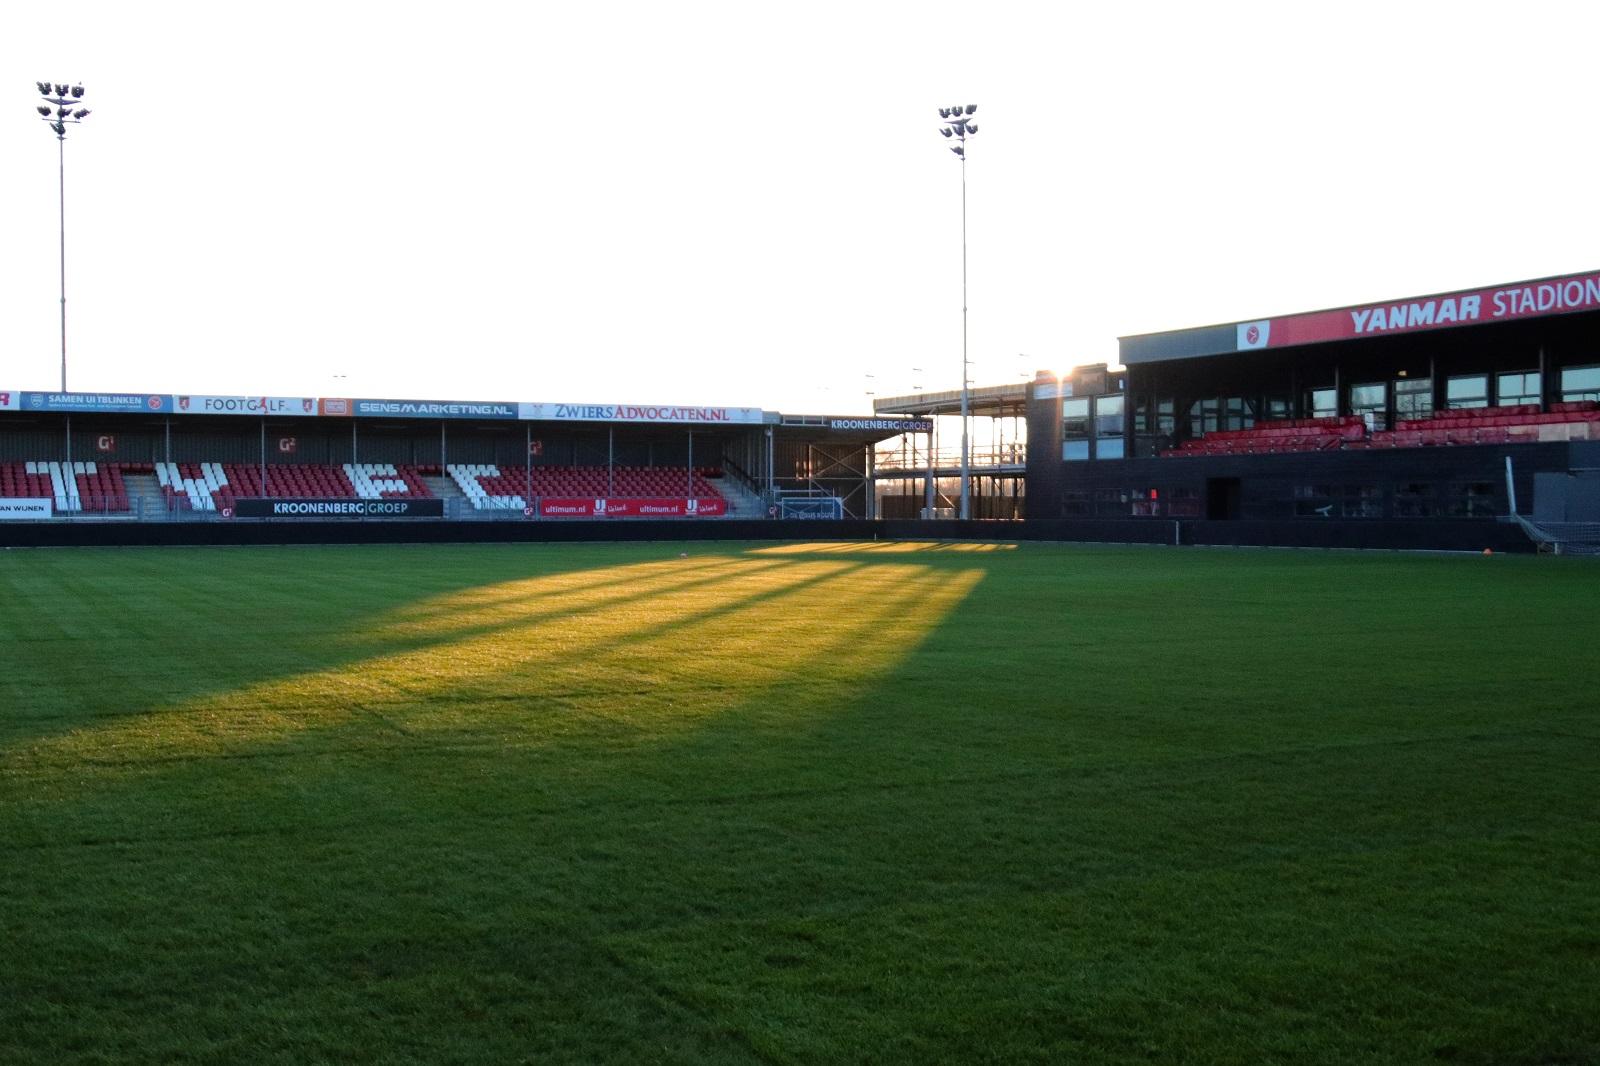 Yanmar Stadion beschikt over nieuwe grasmat